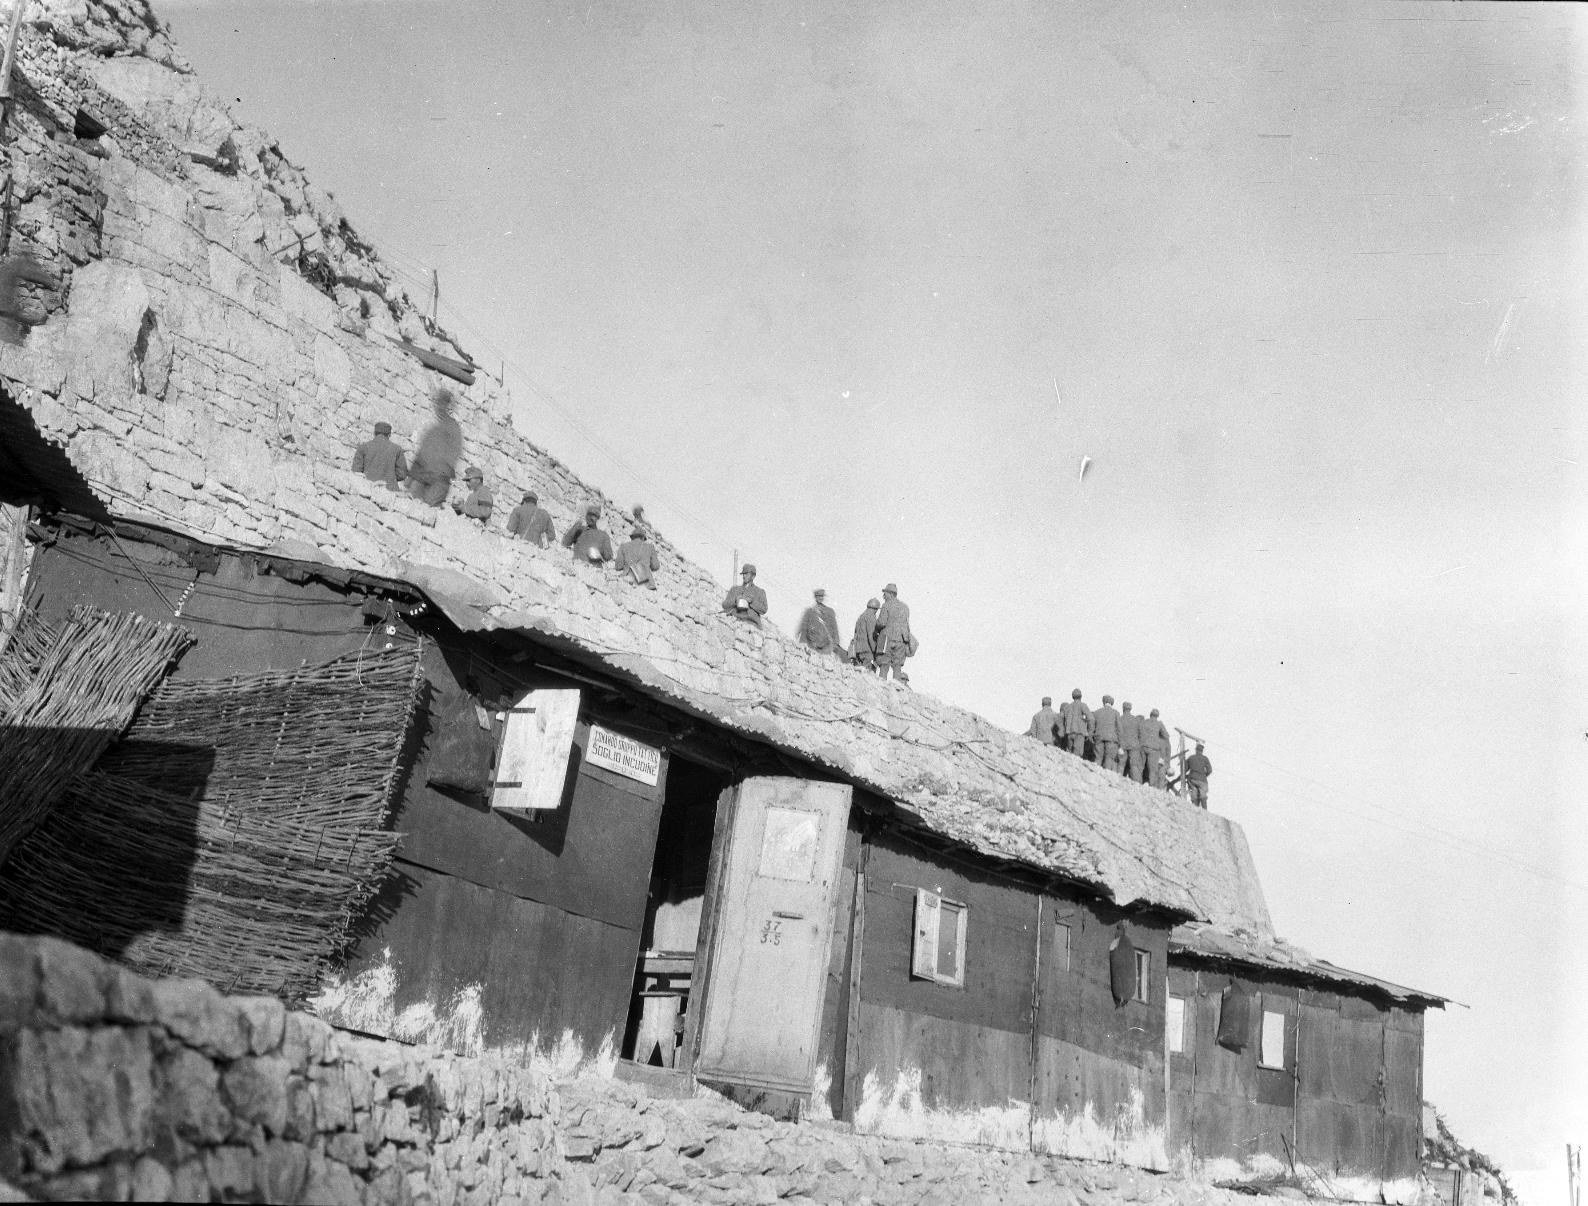 Grande Guerra sul Pasubio. Baraccamenti italiani sul rovescio di Cima Palon, vicino al Soglio dell'Incudine.